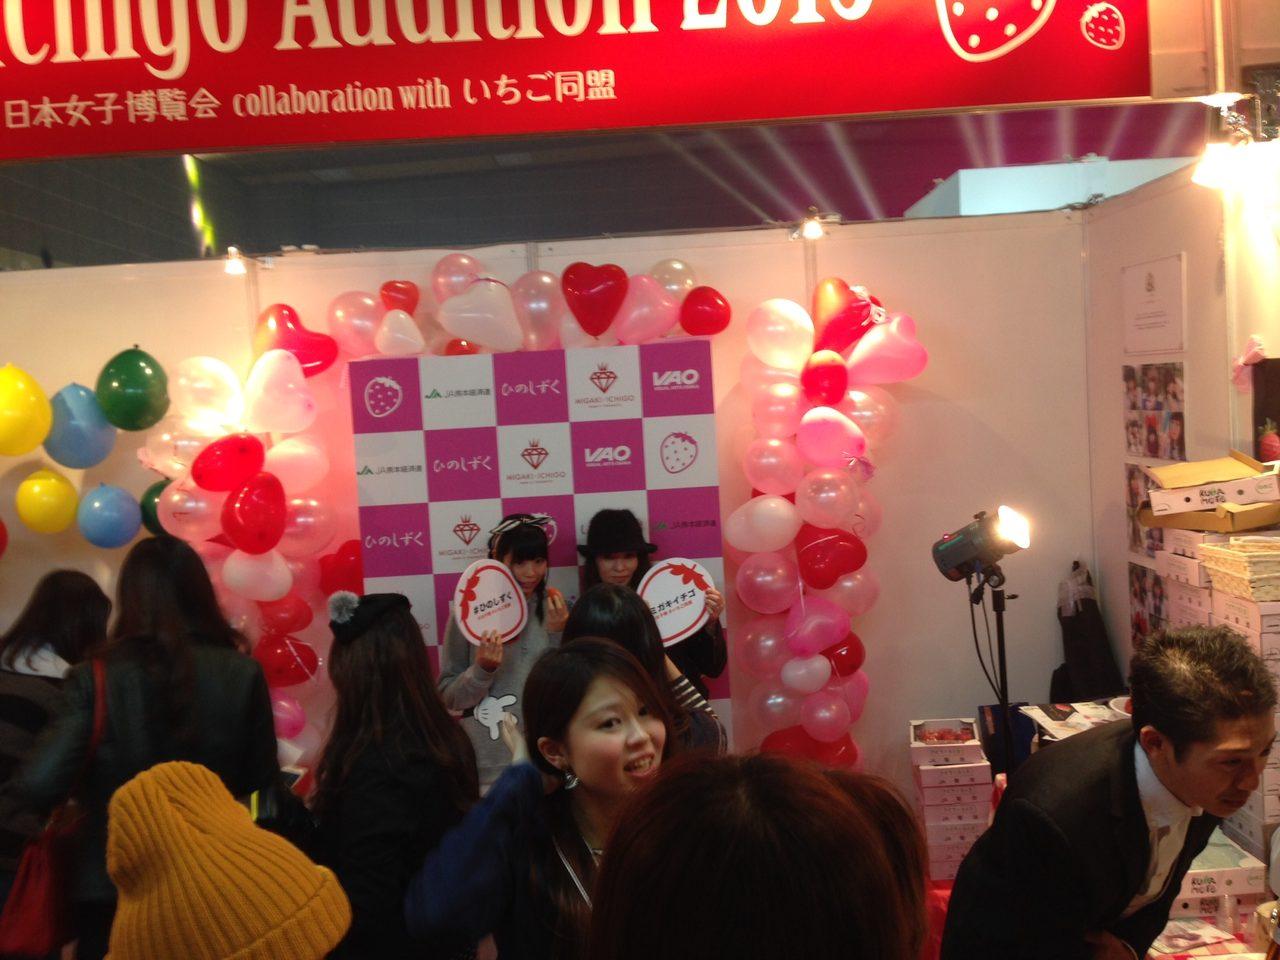 画像3: ガールズカルチャーを集めた夢の祭典「日本女子博覧会」に行ってきた